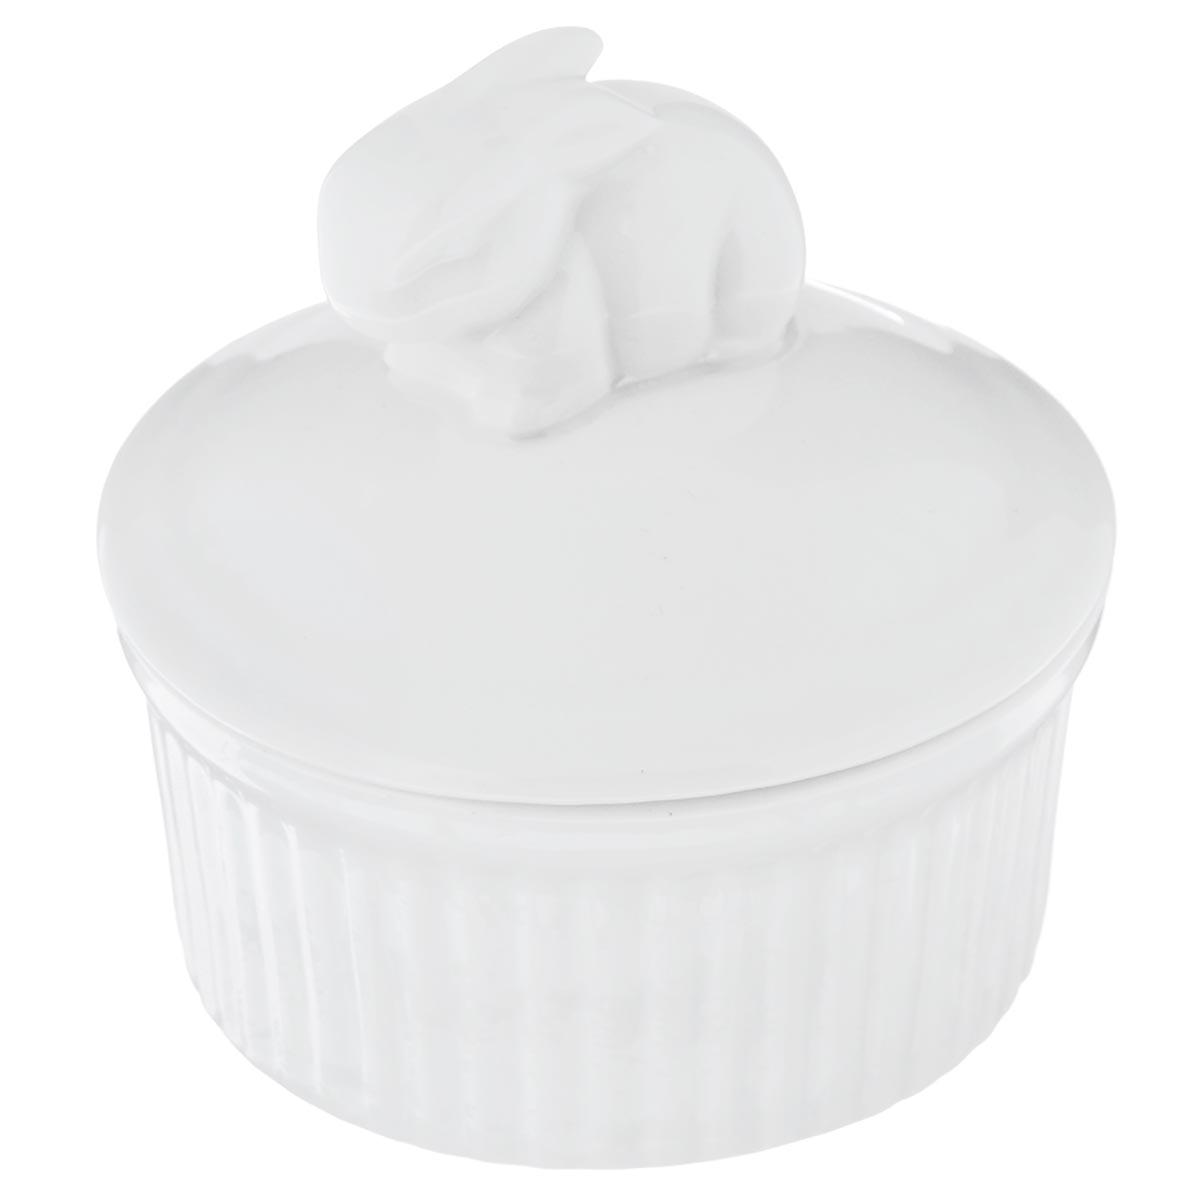 Горшок для запекания Walmer Rabbit, с крышкой, цвет: белый, диаметр 9 см391602Горшочек для запекания Walmer Rabbit круглой формы изготовлен из высококачественного фарфора и оснащен крышкой. Крышка изделия декорирована фигуркой в виде кролика. Горшочек подходит для запекания различных блюд. Может быть использовано для подачи запеченных и охлажденных блюд на стол.Такое изделие станет отличным дополнением к вашему кухонному инвентарю, а также украсит сервировку стола и подчеркнет прекрасный вкус хозяина. Можно использовать в микроволновой печи.Диаметр (по верхнему краю) : 9 см.Диаметр основания: 7,7 см. Высота (без учета крышки): 4,5 см.Объем: 120 мл.